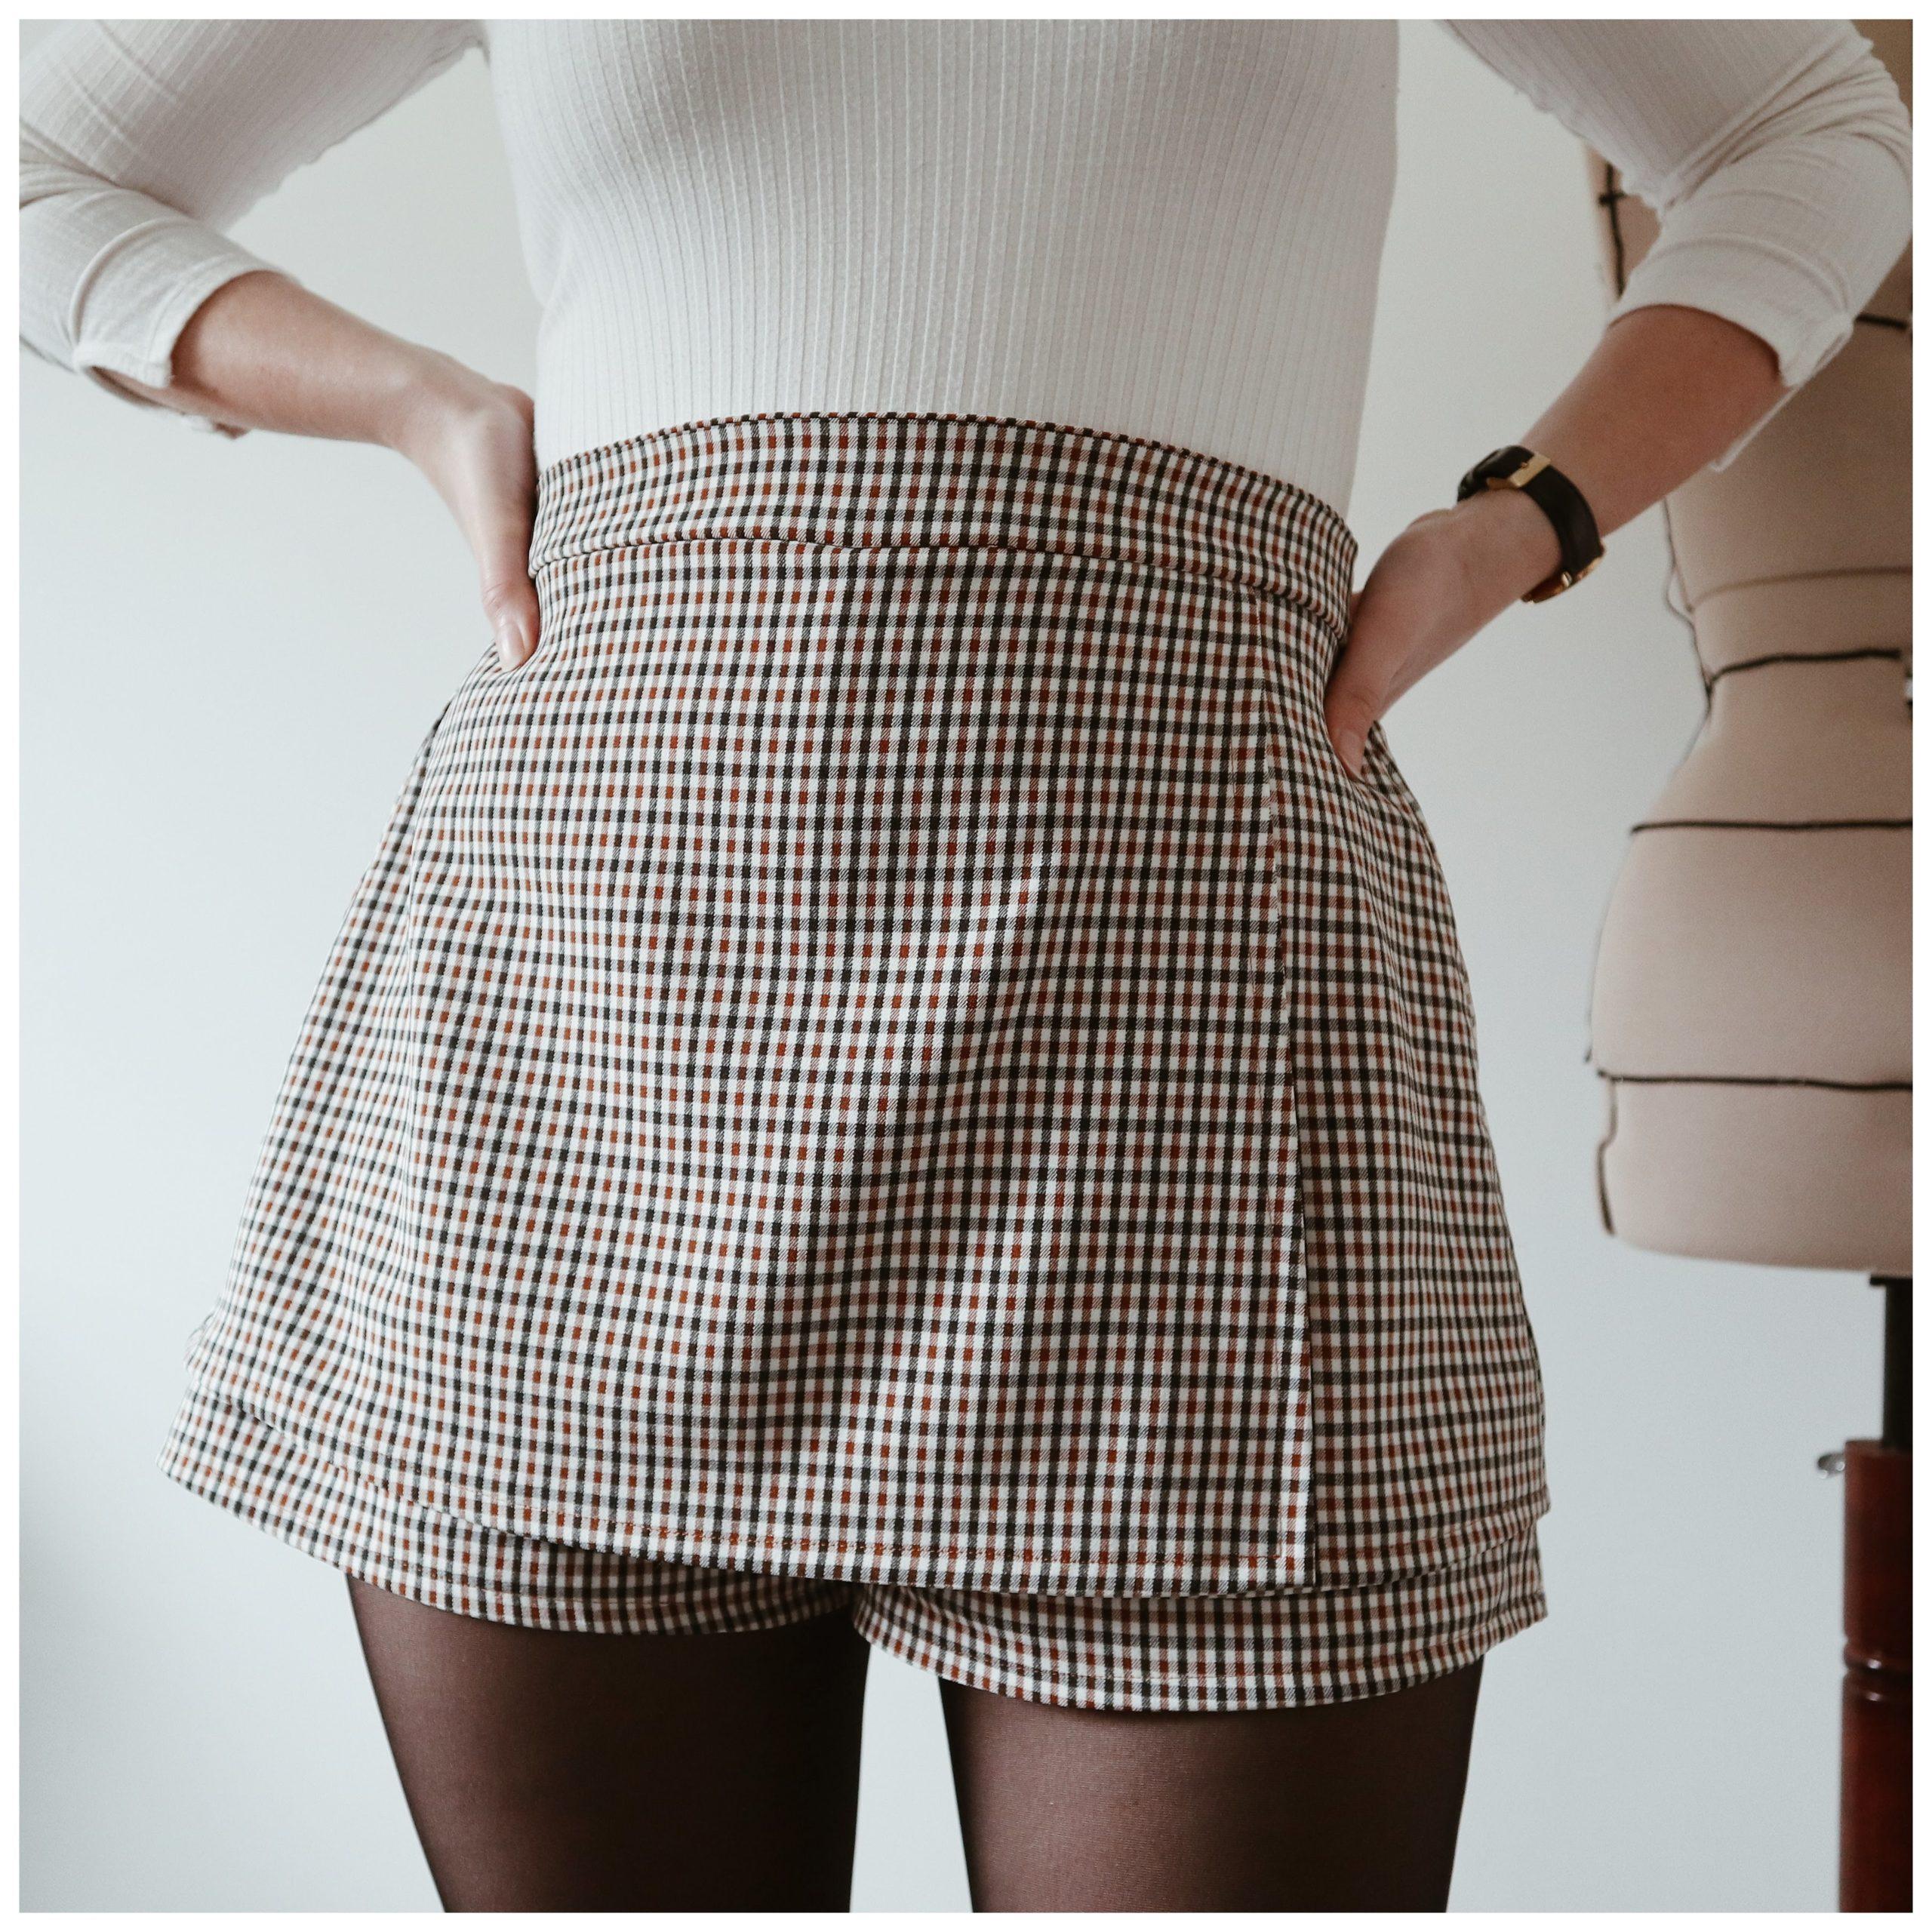 Rio bis jupe short patron de couture PDF